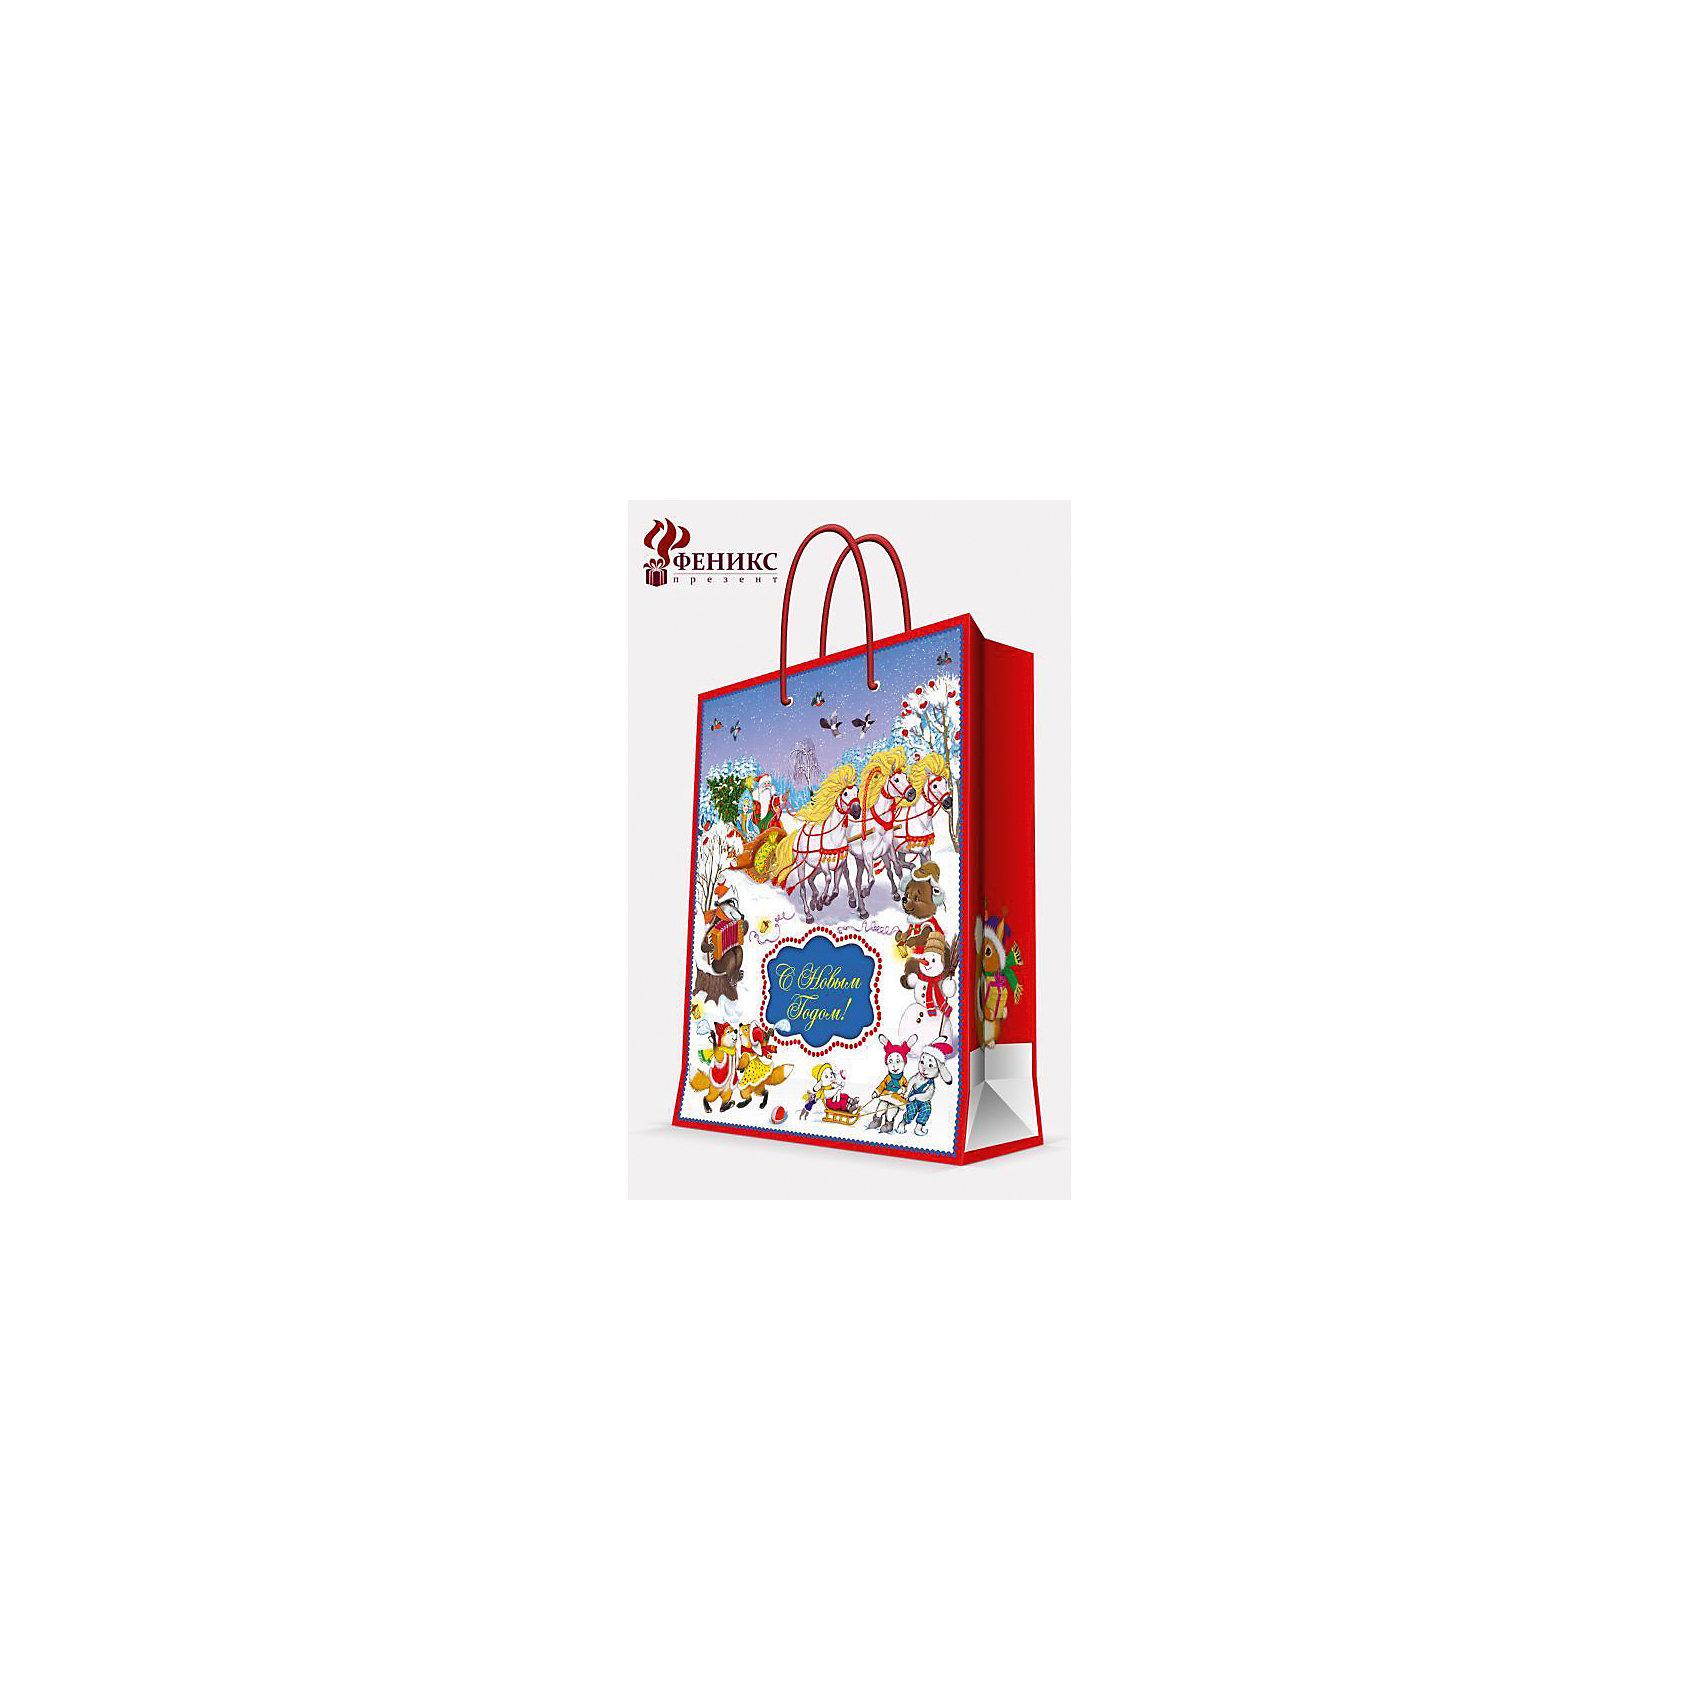 Подарочный пакет Новогодний праздник 17,8*22,9*9,8 смНовинки Новый Год<br>Подарочный пакет Новогодний праздник 17,8*22,9*9,8 см - этот яркий аксессуар станет достойным украшением новогоднего подарка.<br>Подарочный пакет Новогодний праздник XS поможет красиво оформить новогодний подарок для своих родных и друзей. Яркий пакет с новогодней тематикой сделает Ваш подарок эффектным и запоминающимся. Пакет с ламинацией выполнен из плотной бумаги, имеет широкое основание. Для удобной переноски предусмотрены две ручки из шнурков.<br><br>Дополнительная информация:<br><br>- Размер: 17,8 х 22,9 х 9,8 см.<br>- Шириной основания: 17,8 см.<br>- Ламинированный<br>- Ручки: шнурки<br>- Материал: бумага<br>- Плотность: 140 г/м2<br><br>Подарочный пакет Новогодний праздник 17,8*22,9*9,8 см можно купить в нашем интернет-магазине.<br><br>Ширина мм: 1<br>Глубина мм: 180<br>Высота мм: 230<br>Вес г: 42<br>Возраст от месяцев: 36<br>Возраст до месяцев: 2147483647<br>Пол: Унисекс<br>Возраст: Детский<br>SKU: 4274755